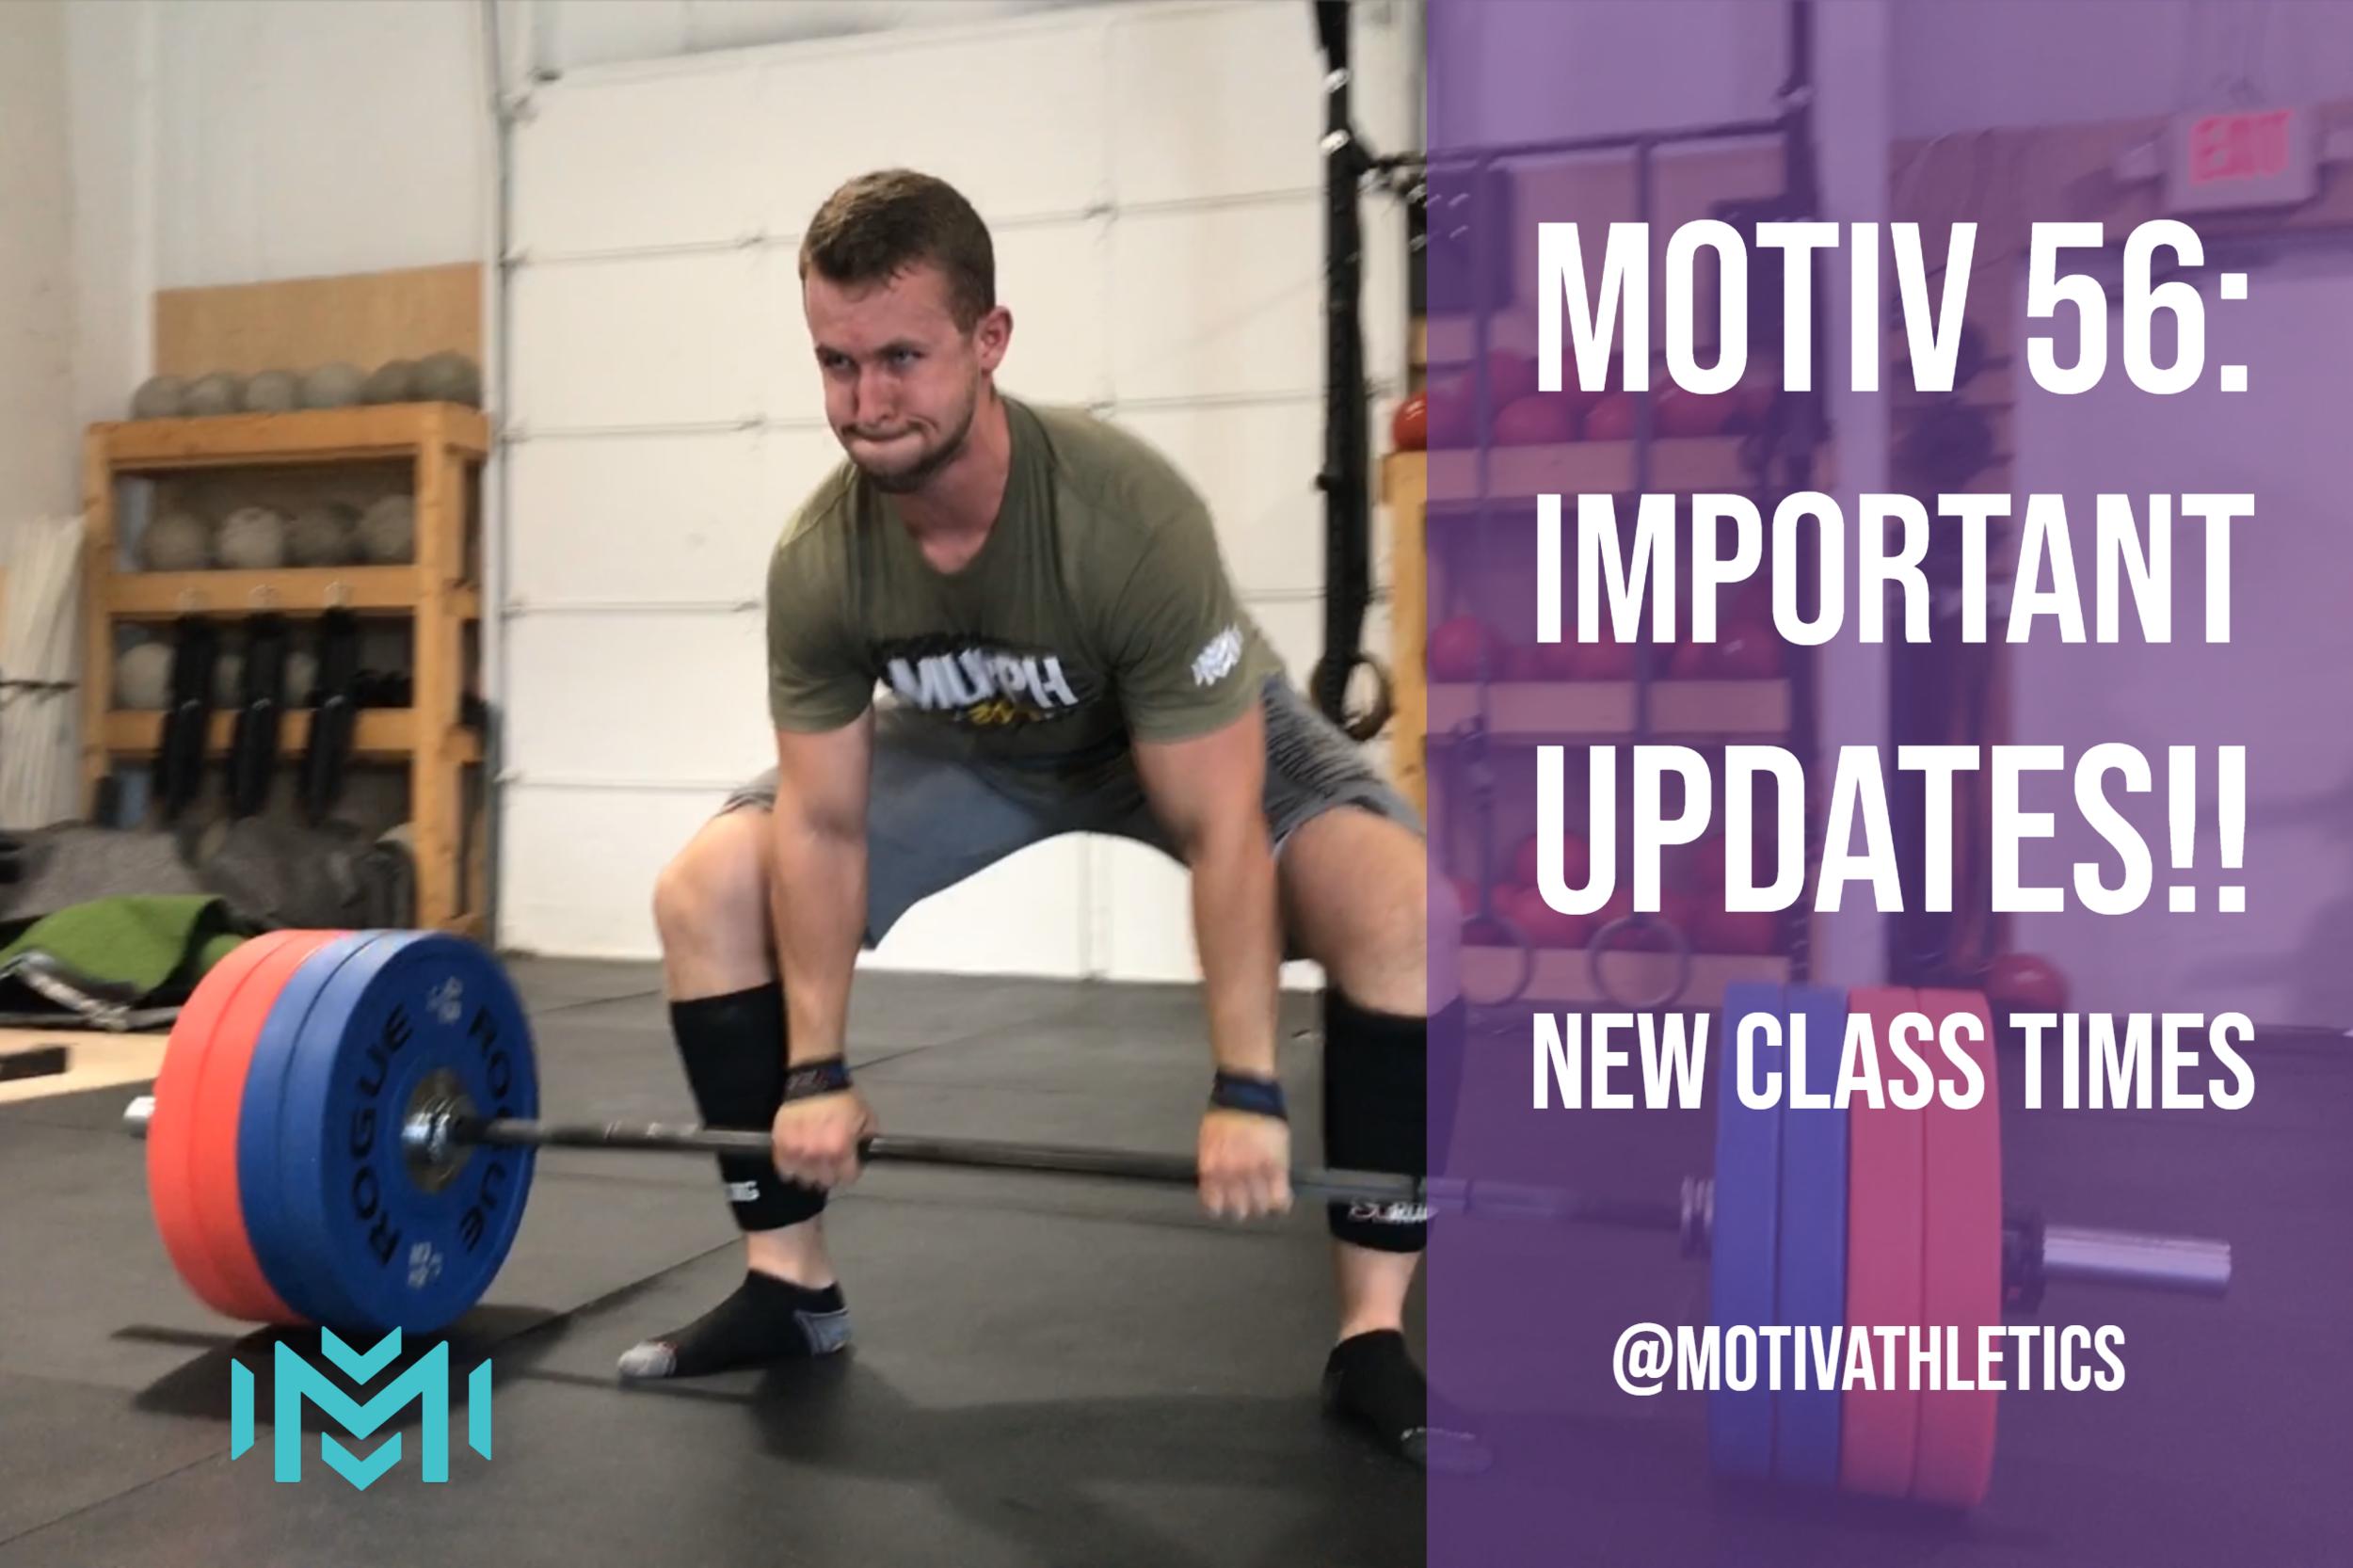 motiv56 announcement (1).png